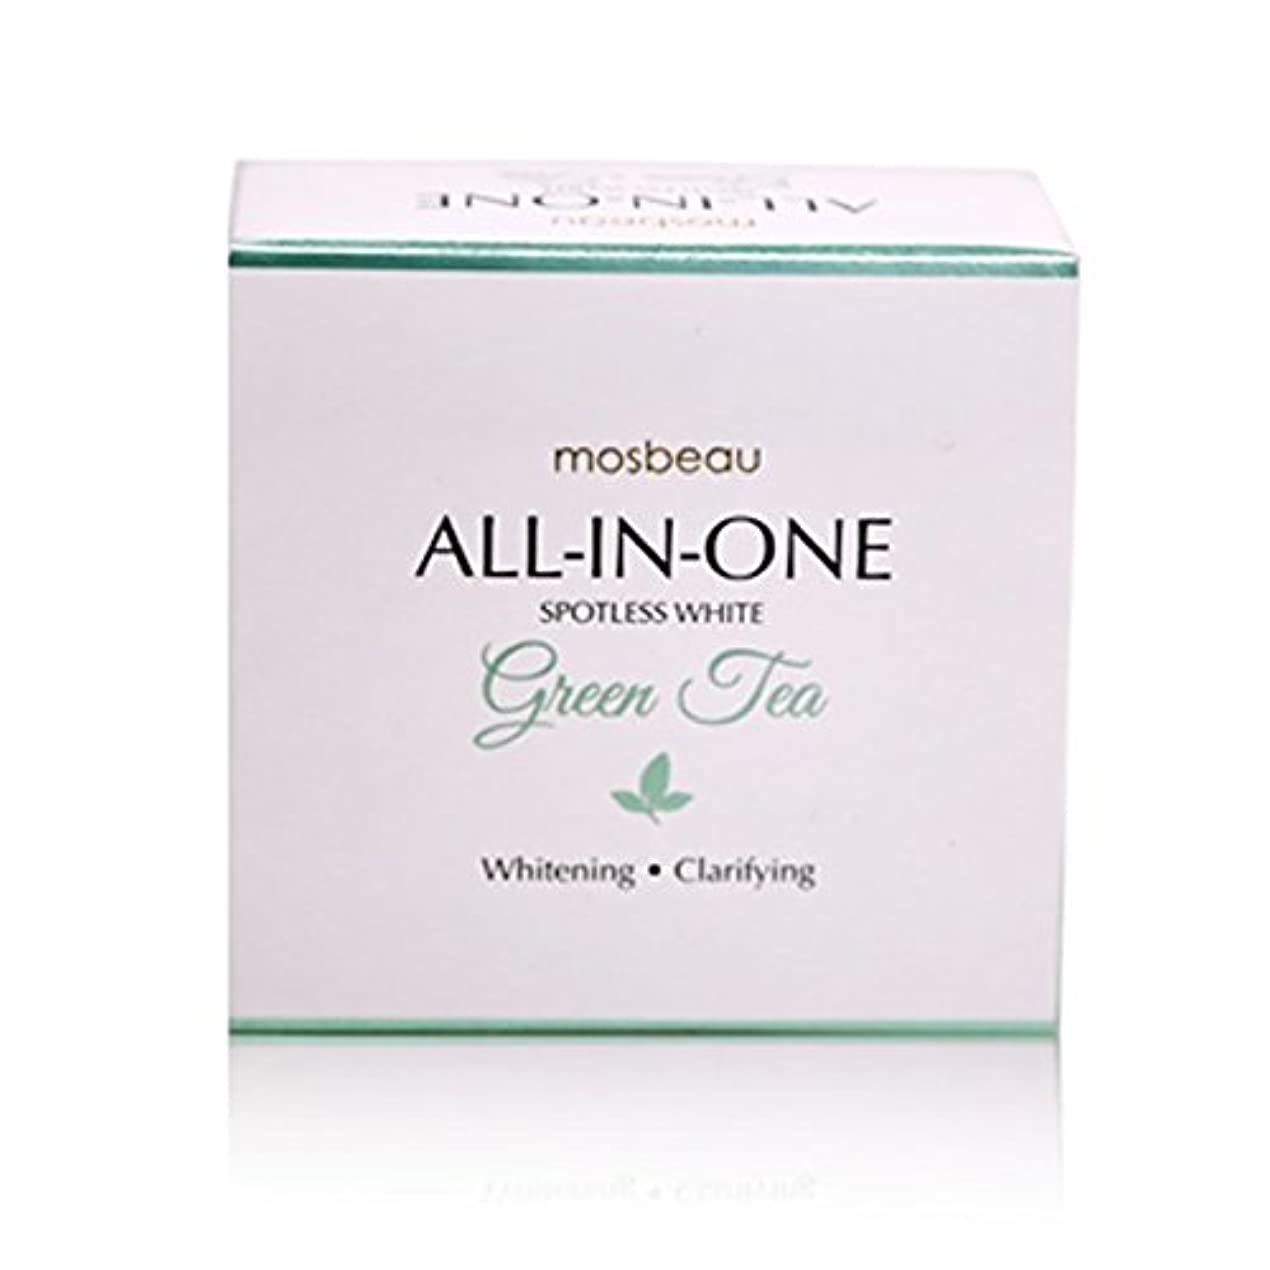 避難桃中級mosbeau Spotless White GREEN TEA Facial Soap 100g モスビュー スポットレス ホワイト グリーンティー フェイシャル ソープ